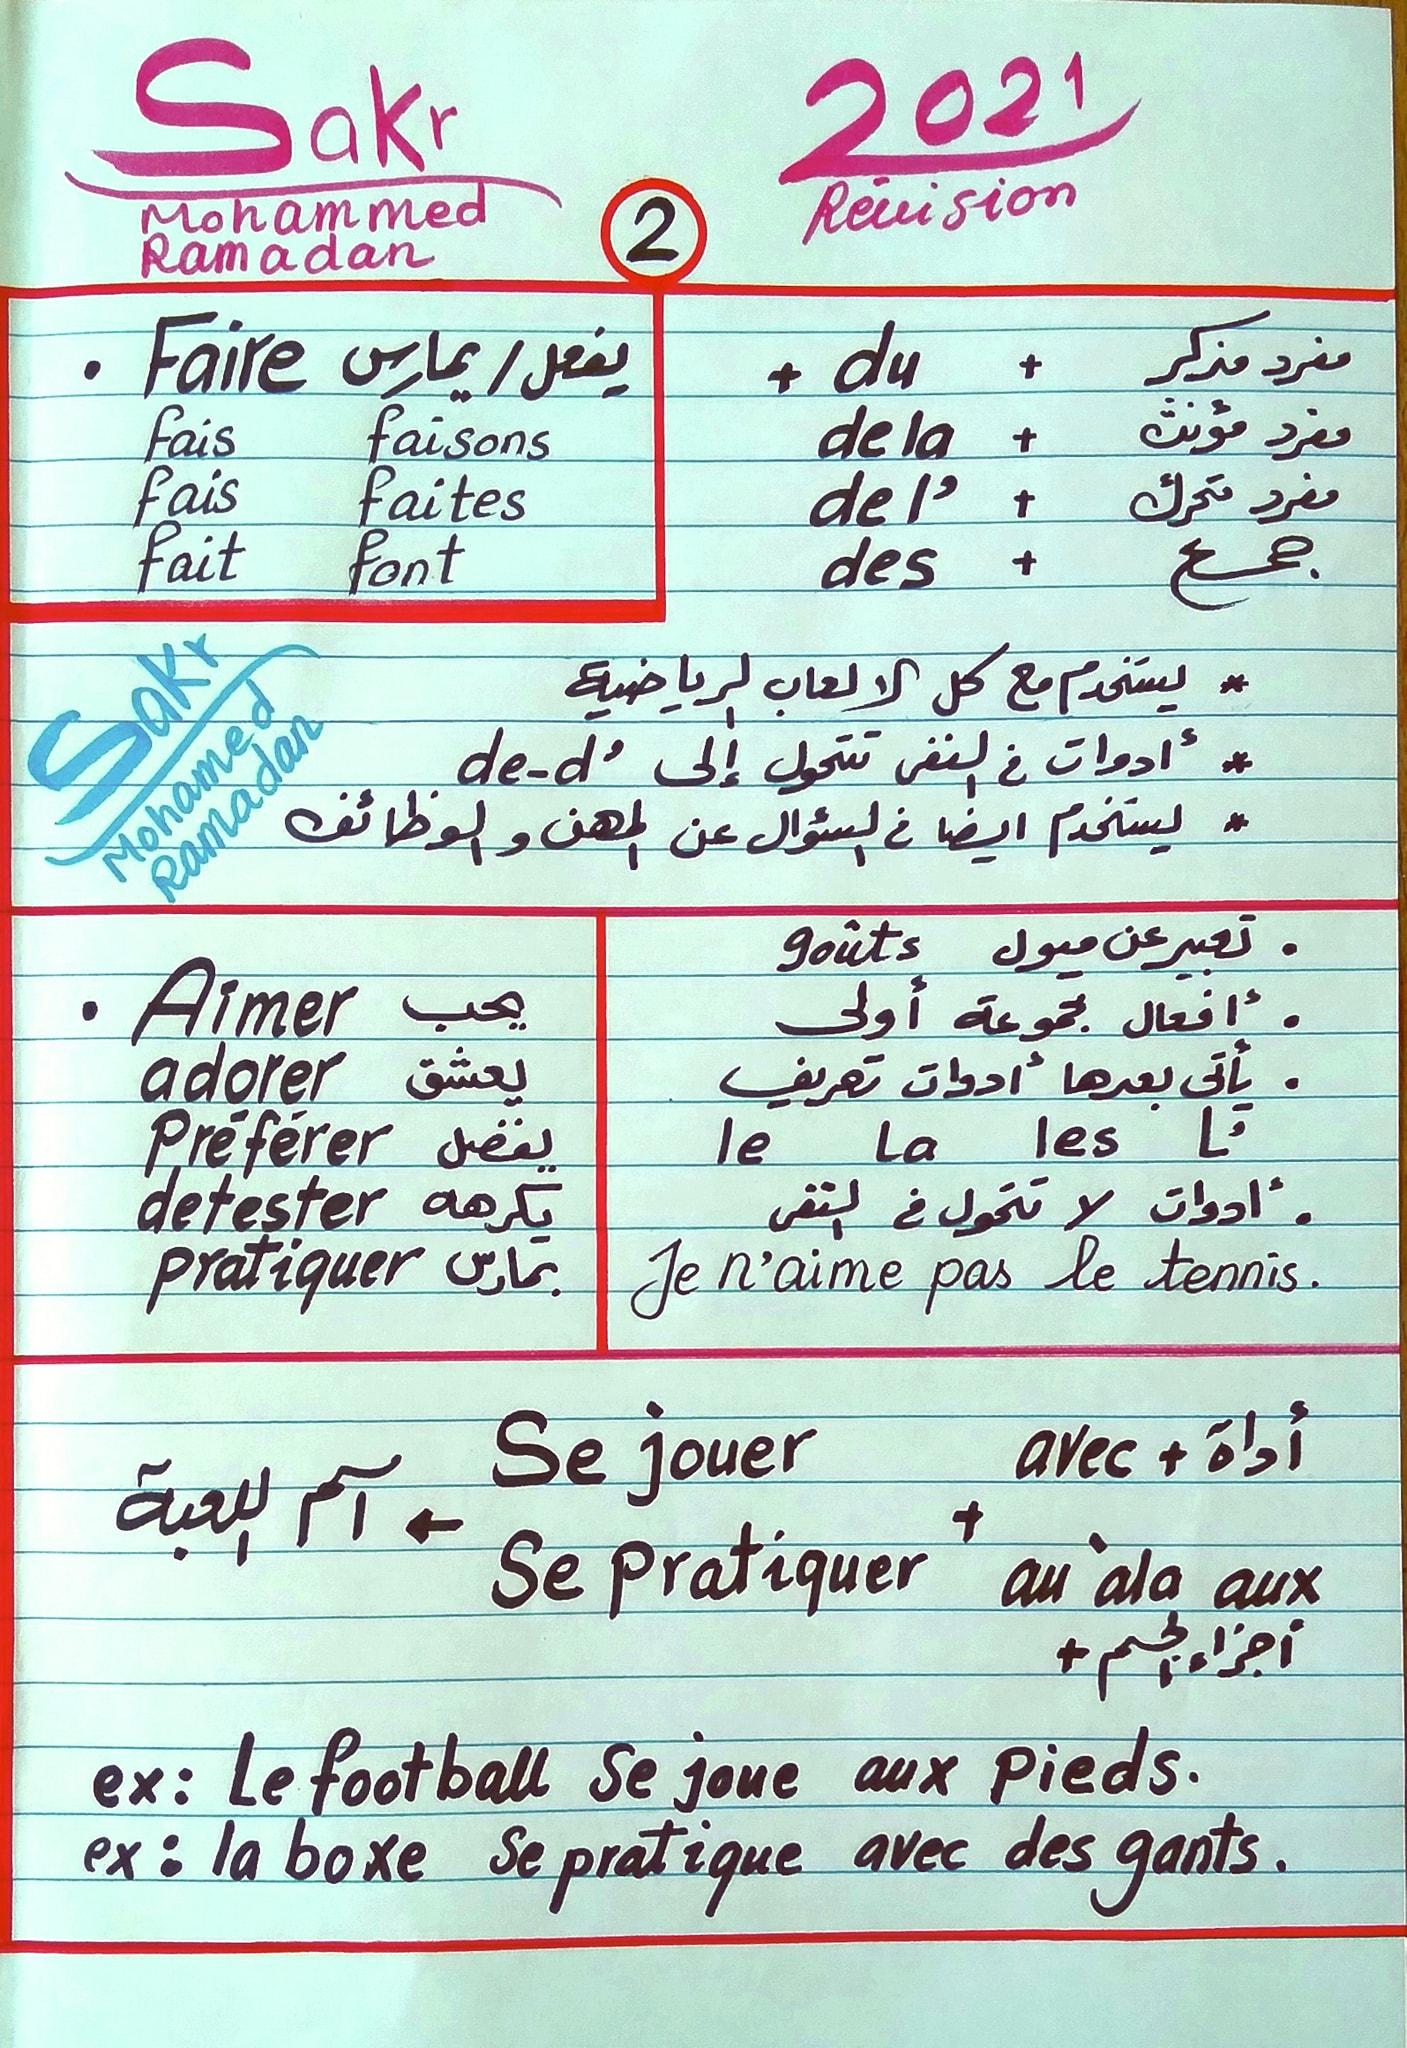 مراجعة الفرنساوي للثانوية العامة مسيو محمد رمضان 2